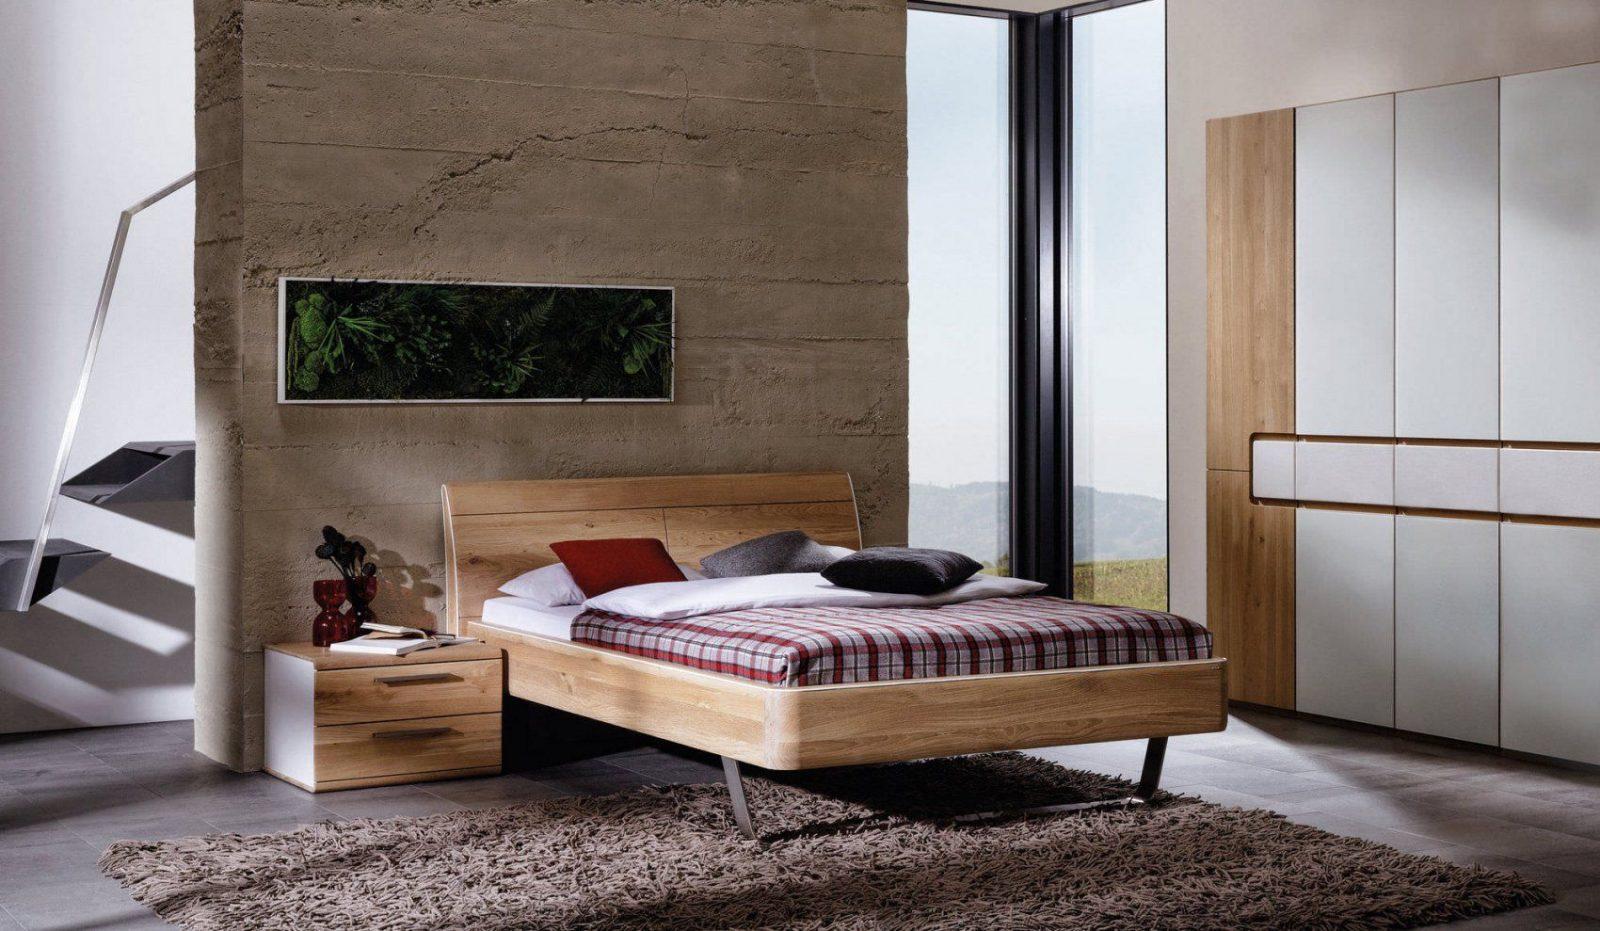 Double Bed  Contemporary  Oak  Walnut  Vlinea  Voglauer von Voglauer Bett V Pur Bild